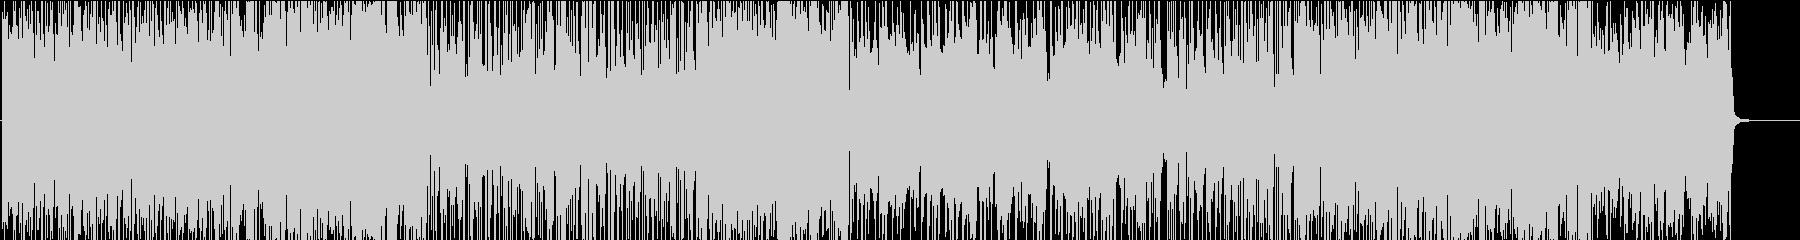 オープニングBGM ボイパでインパクト大の未再生の波形